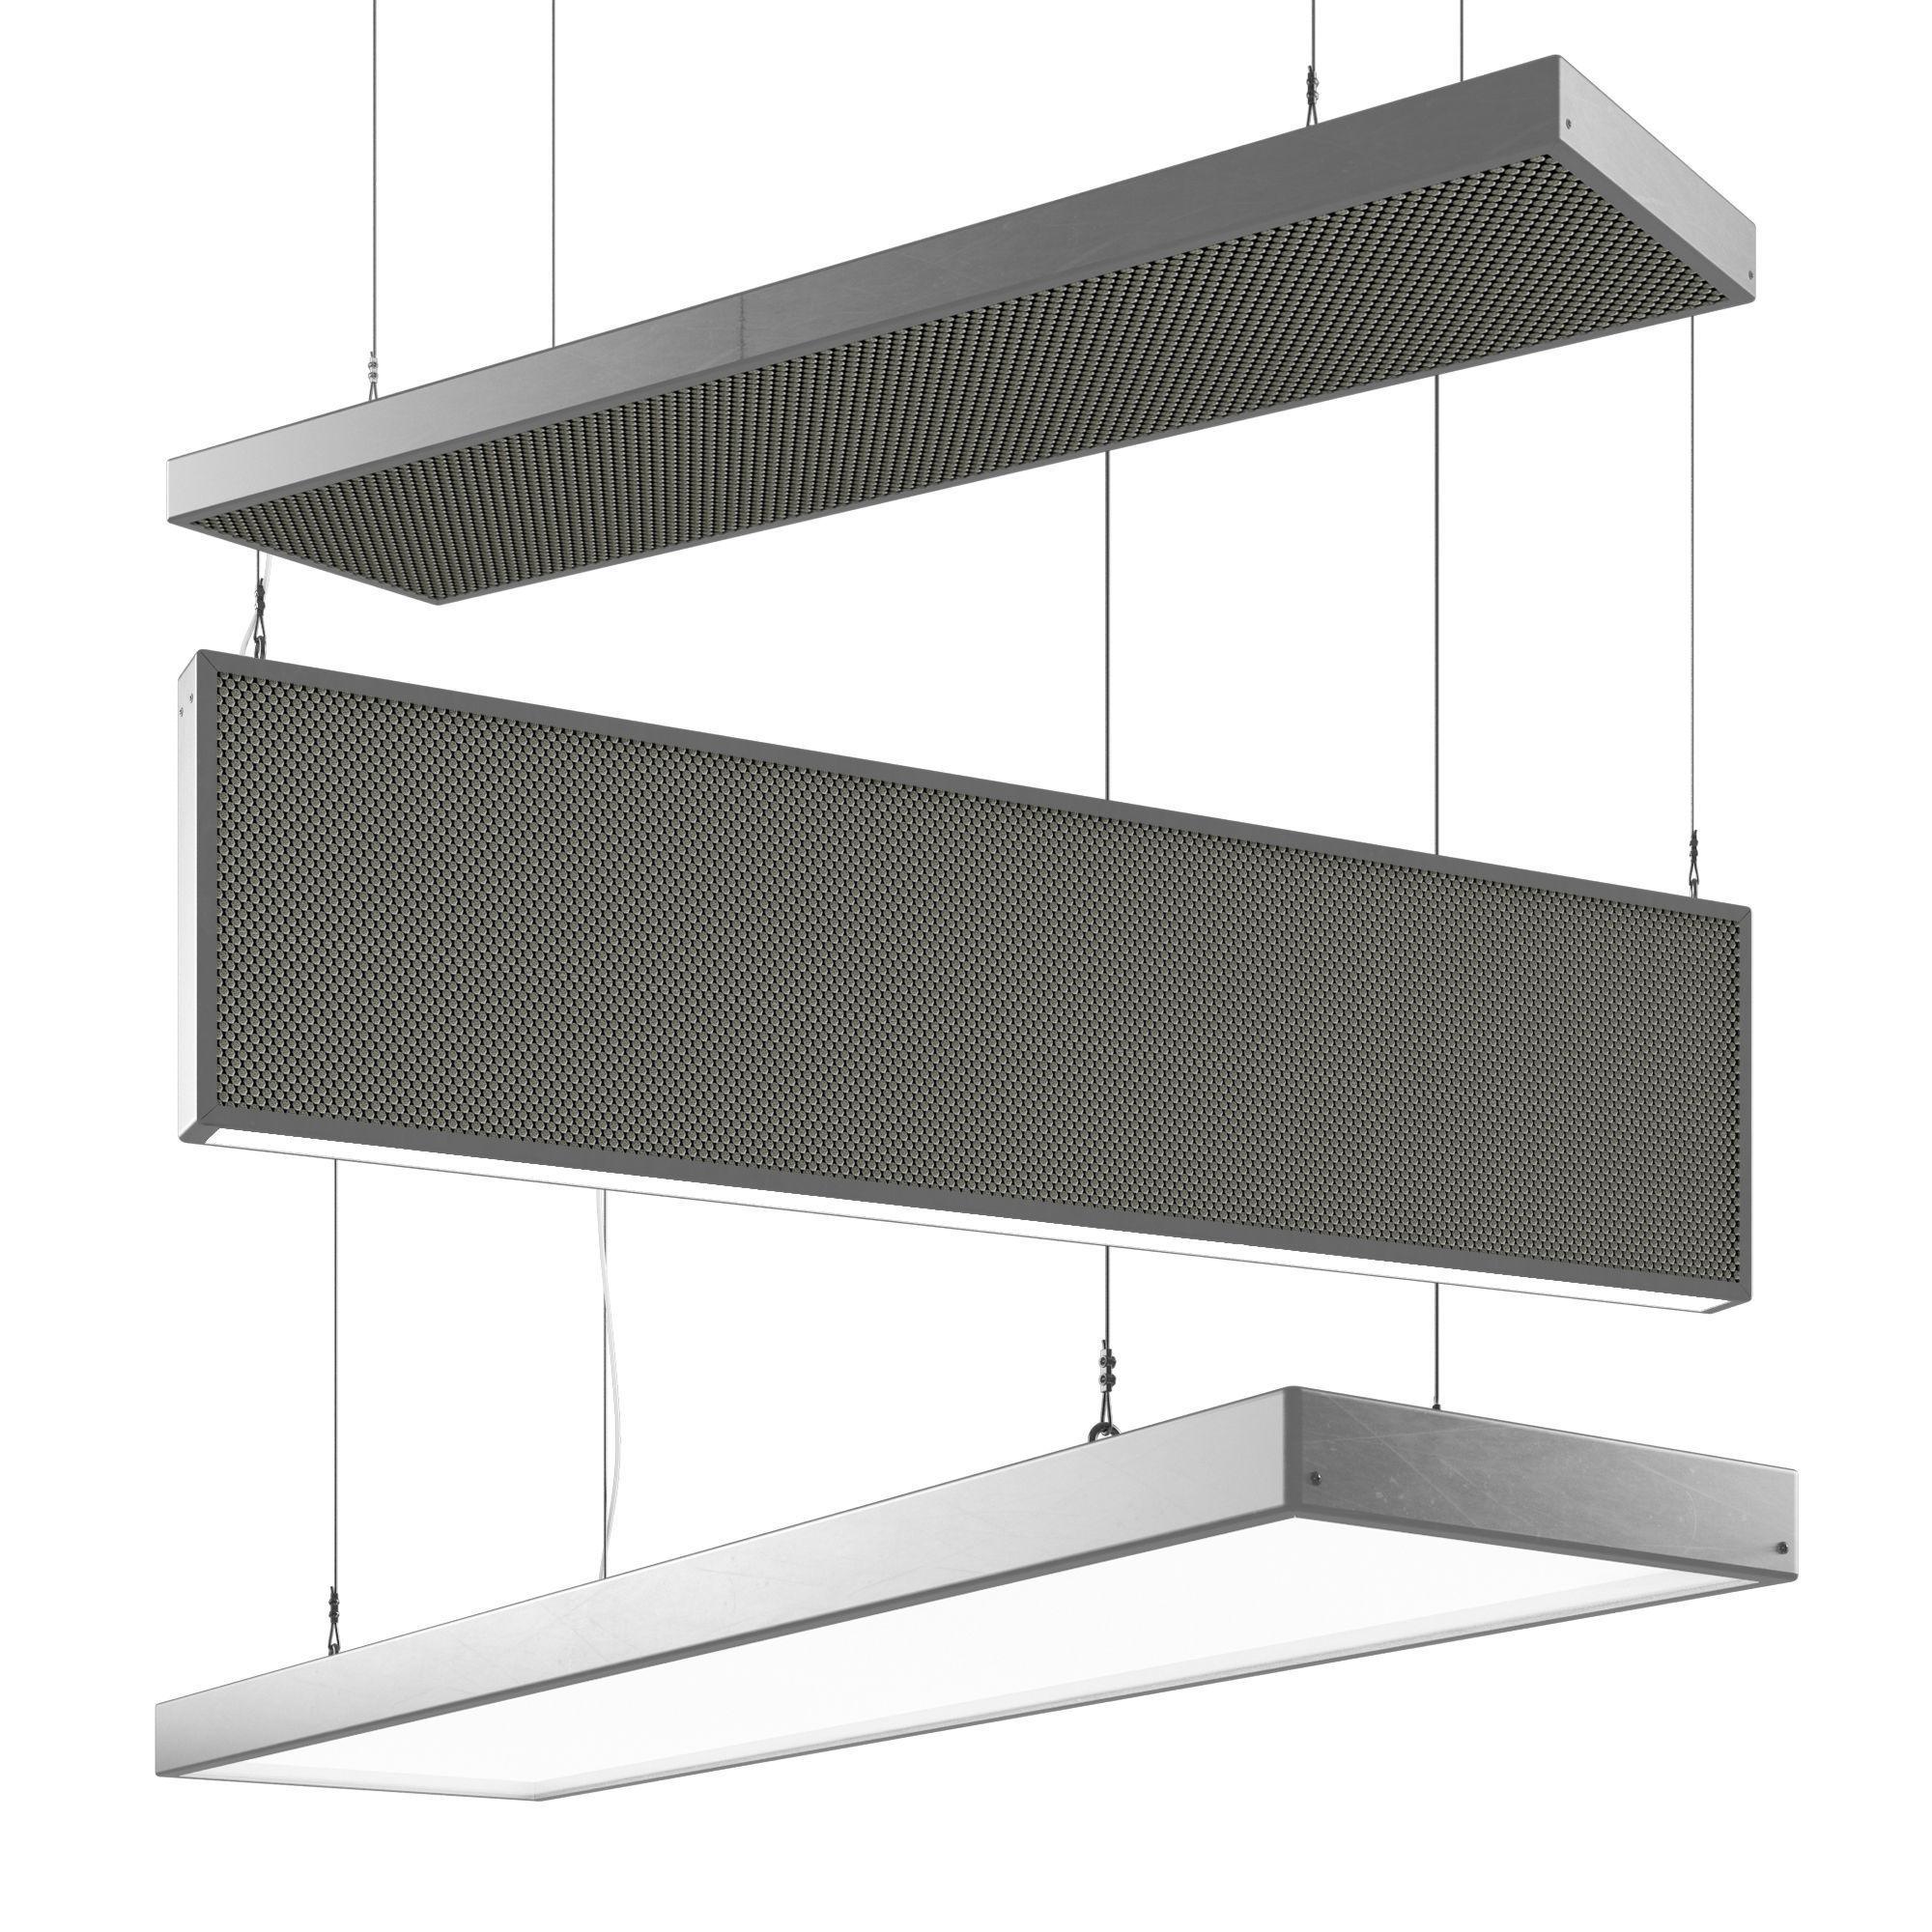 acoustic bar seamless studio quietspray product ceiling in quietstone headpic theatre